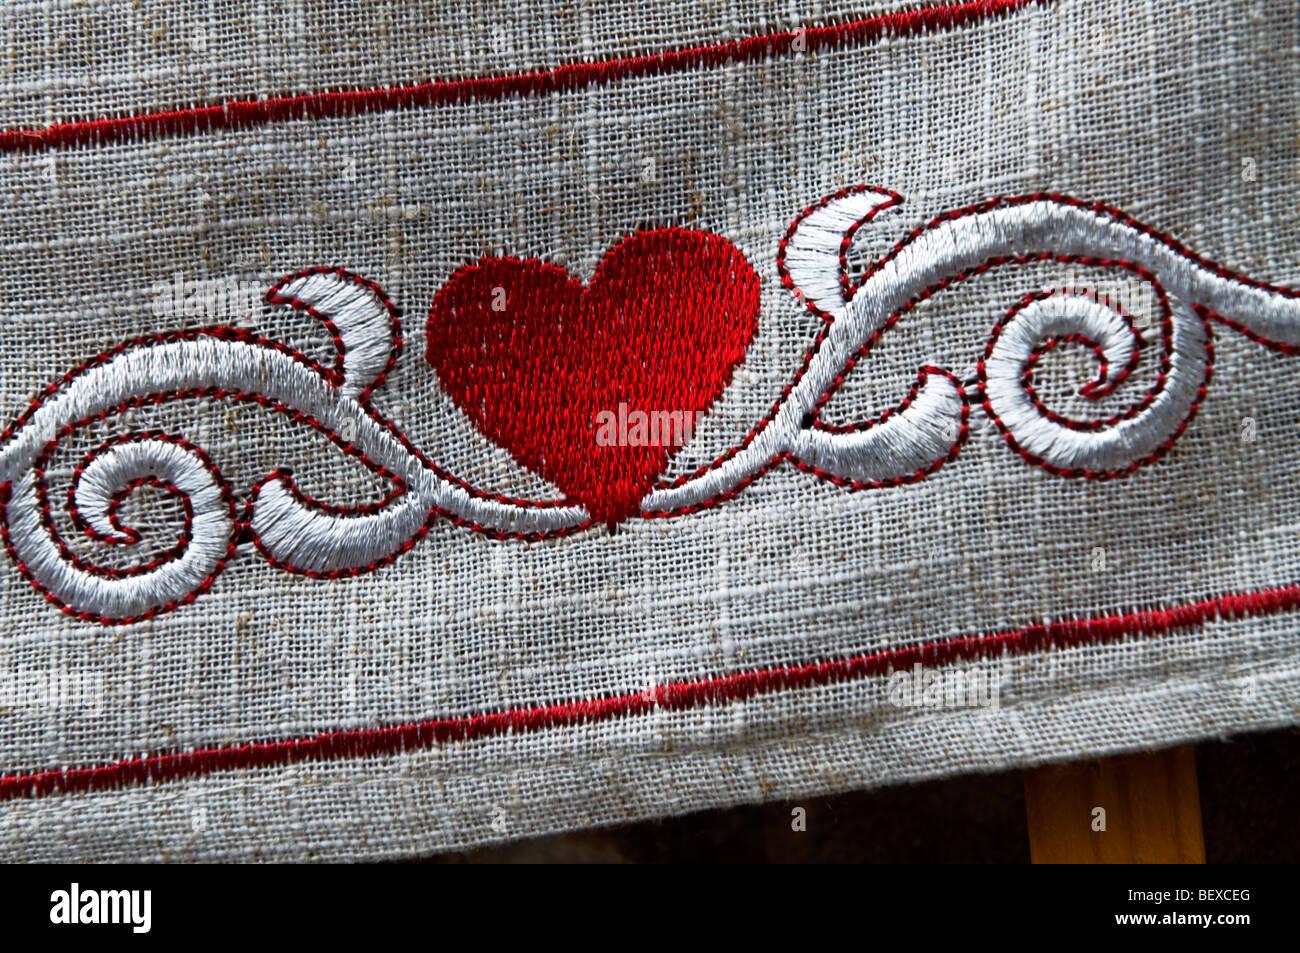 Chiudere la vista sul cuore rosso ricamato sul confine di lino tovaglia Immagini Stock